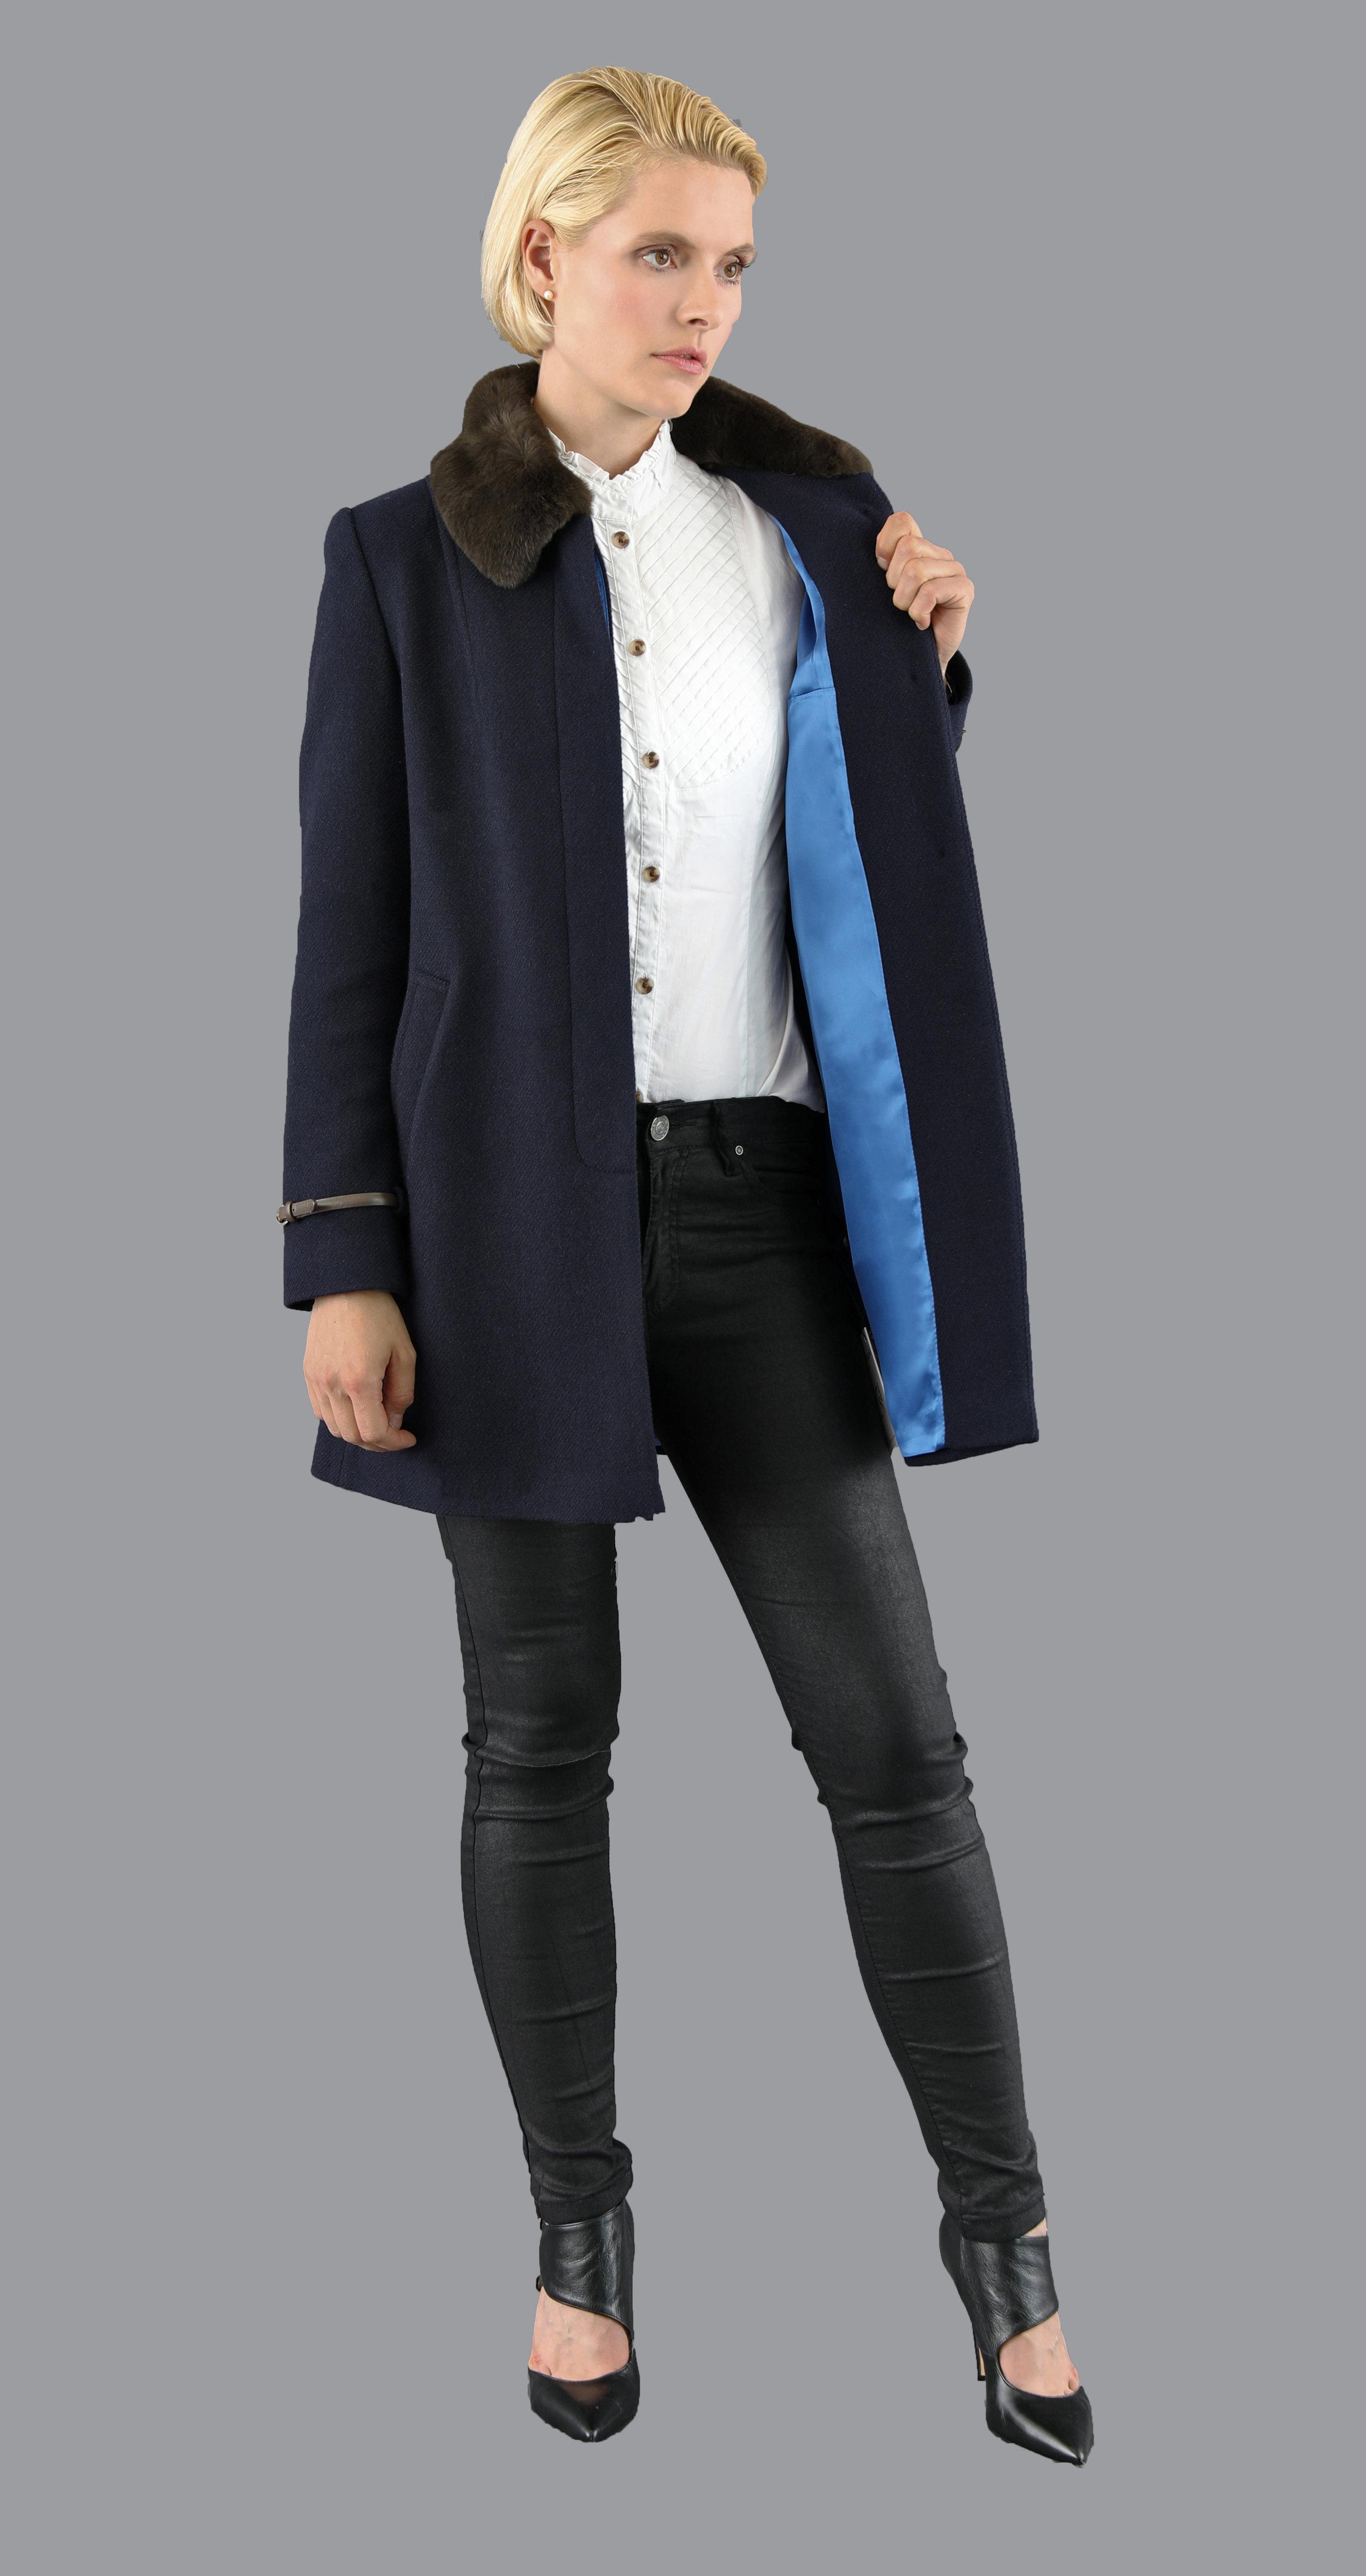 Mantel Kate marine2.jpg